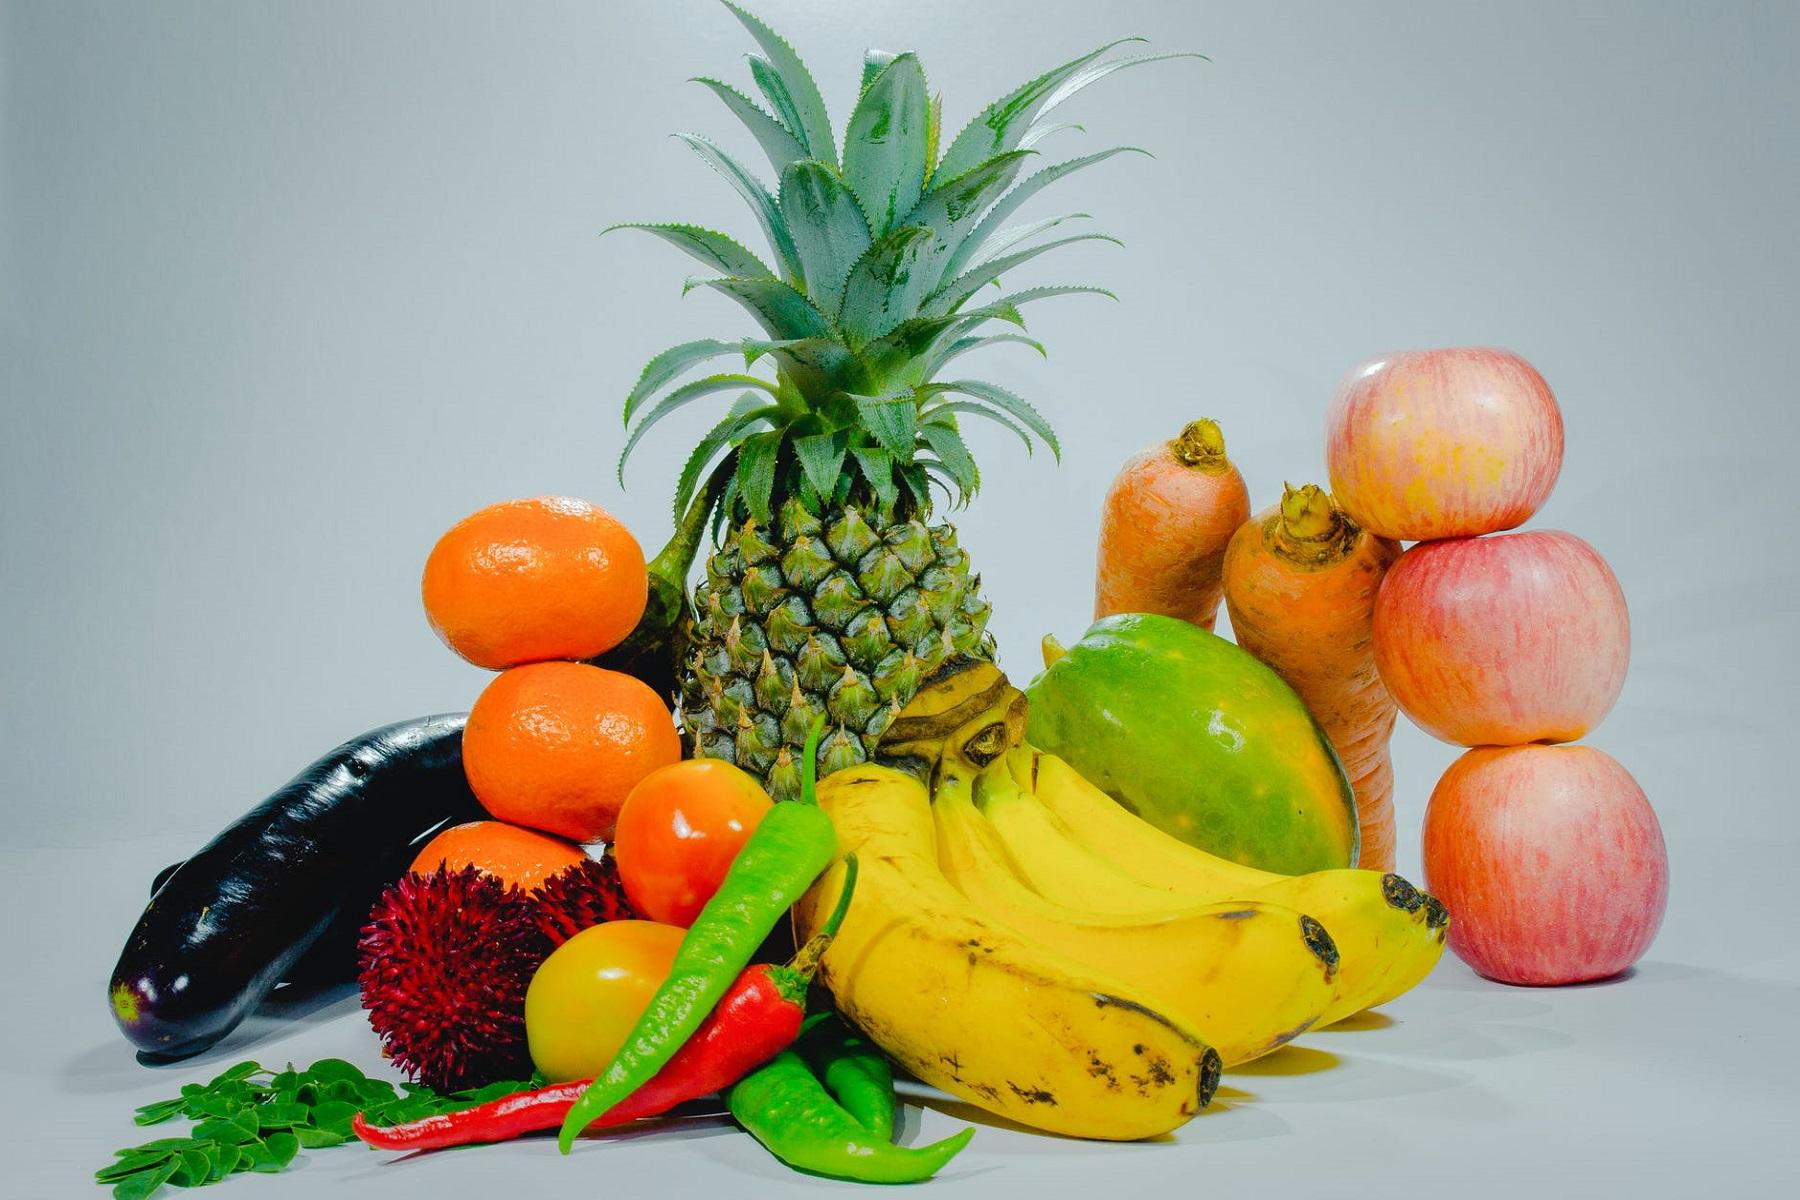 Διατροφή Φυτοφάρμακα: Λίστα με φρούτα και λαχανικά επιβαρυμένα περισσότερο ή λιγότερο